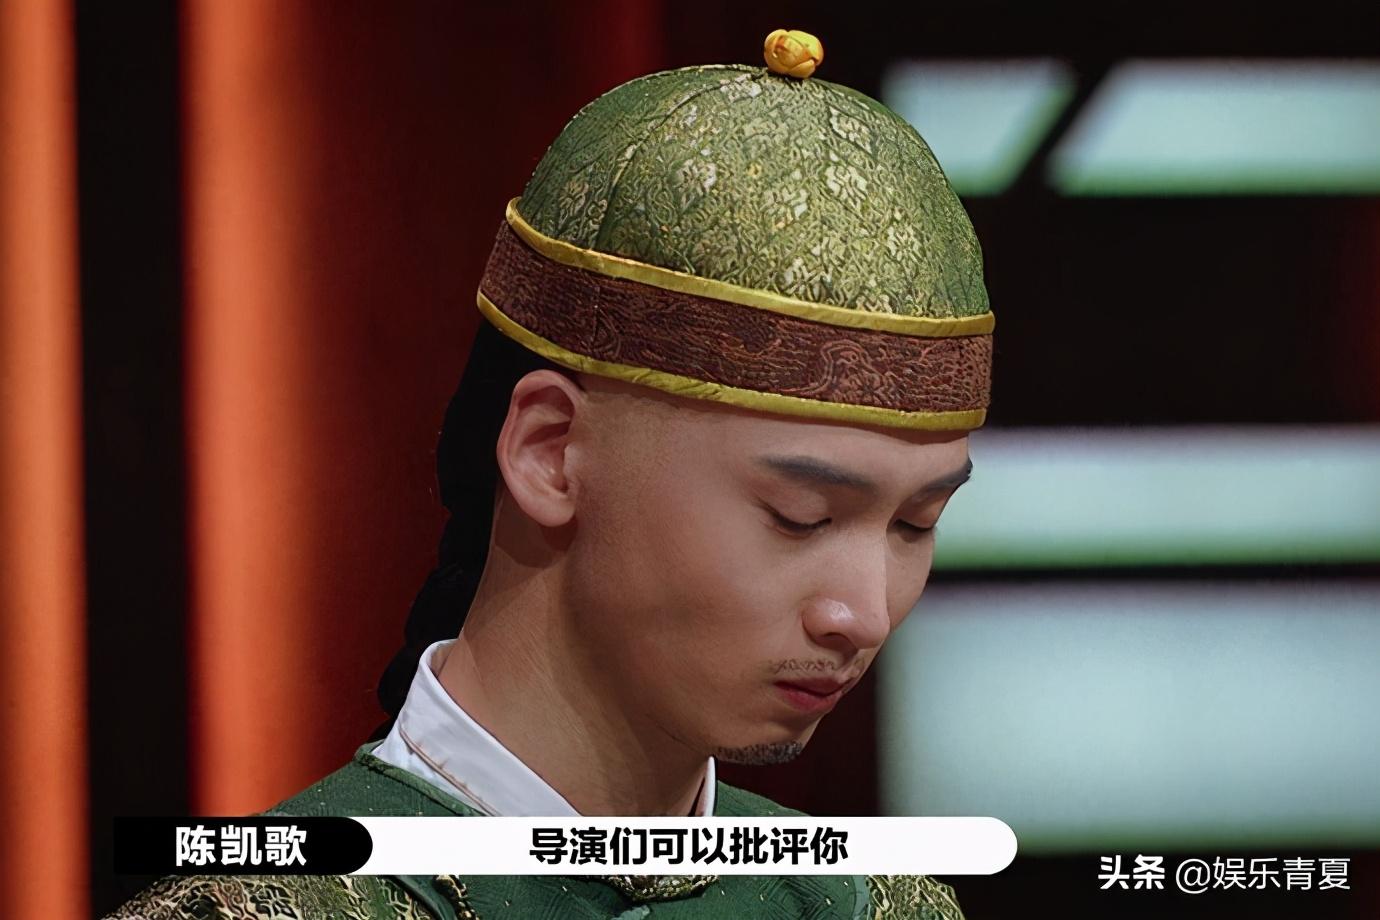 陈宥维《甄嬛传》被狂批,双唇紧闭沉默,却因陈凯歌夸赞强忍泪水